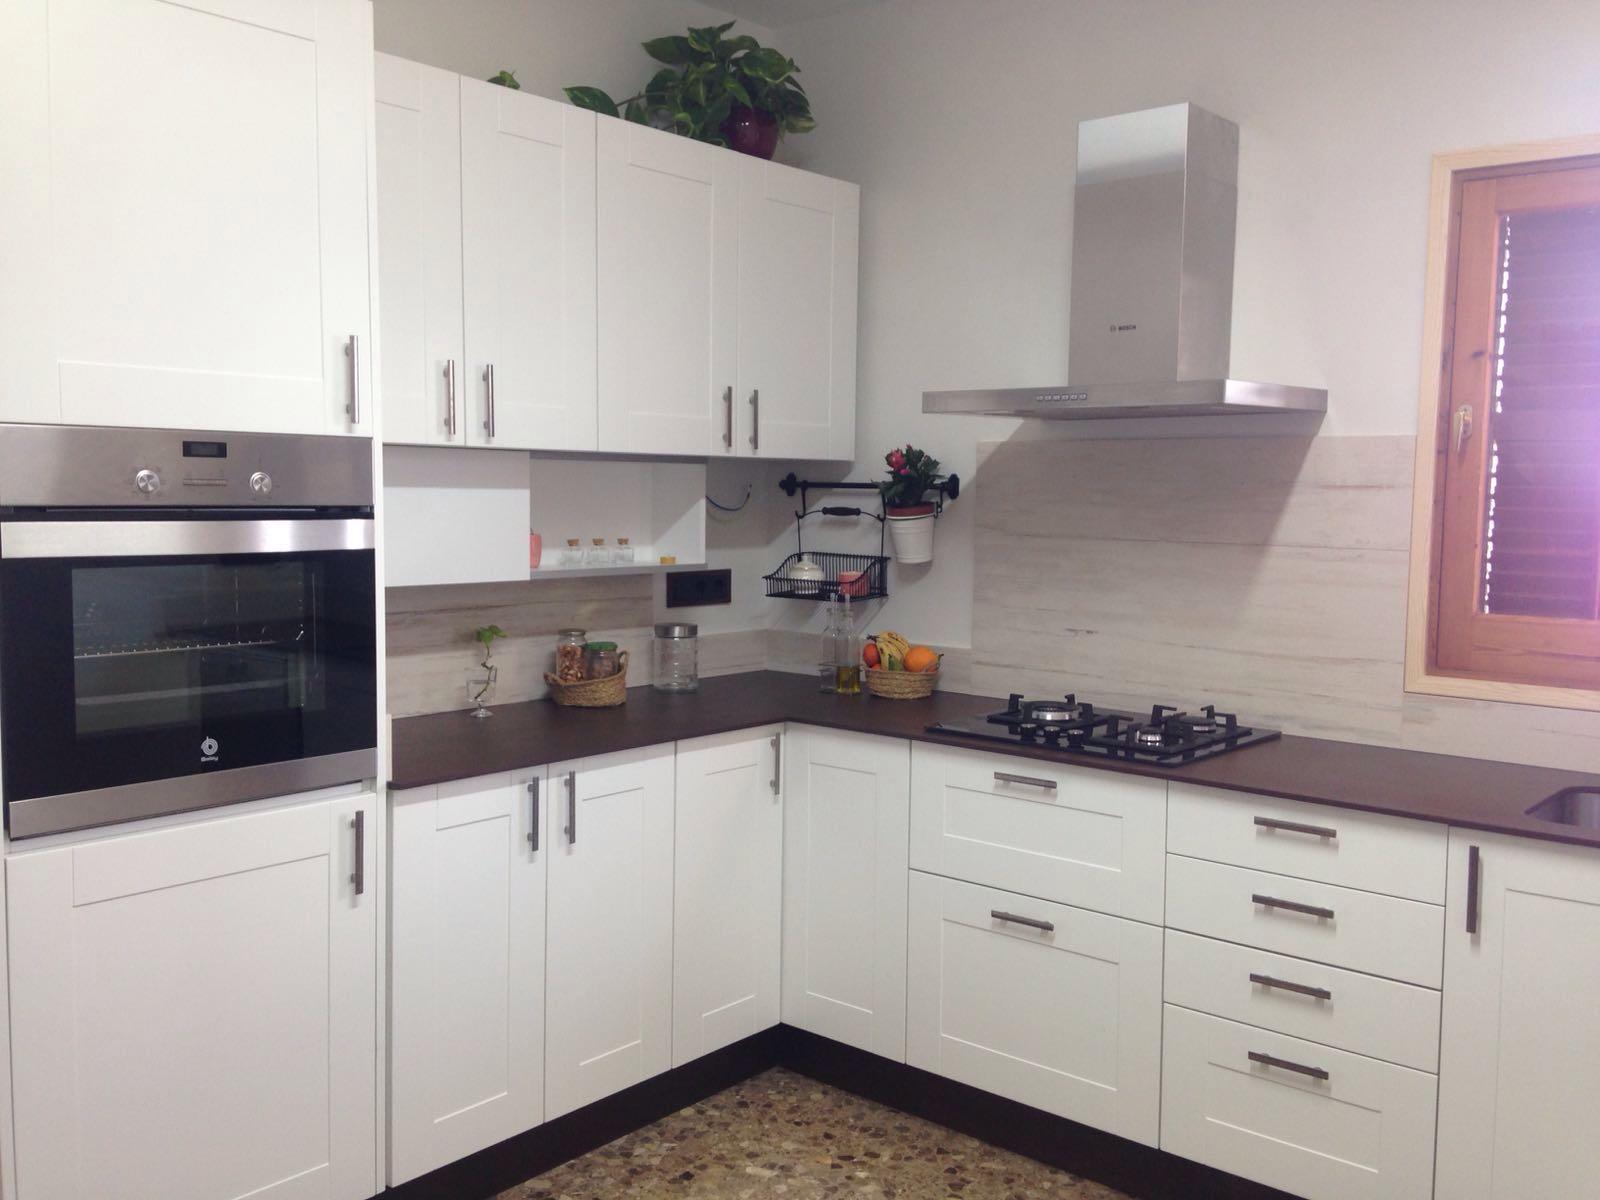 muebles de cocina en wilde 20170815012833